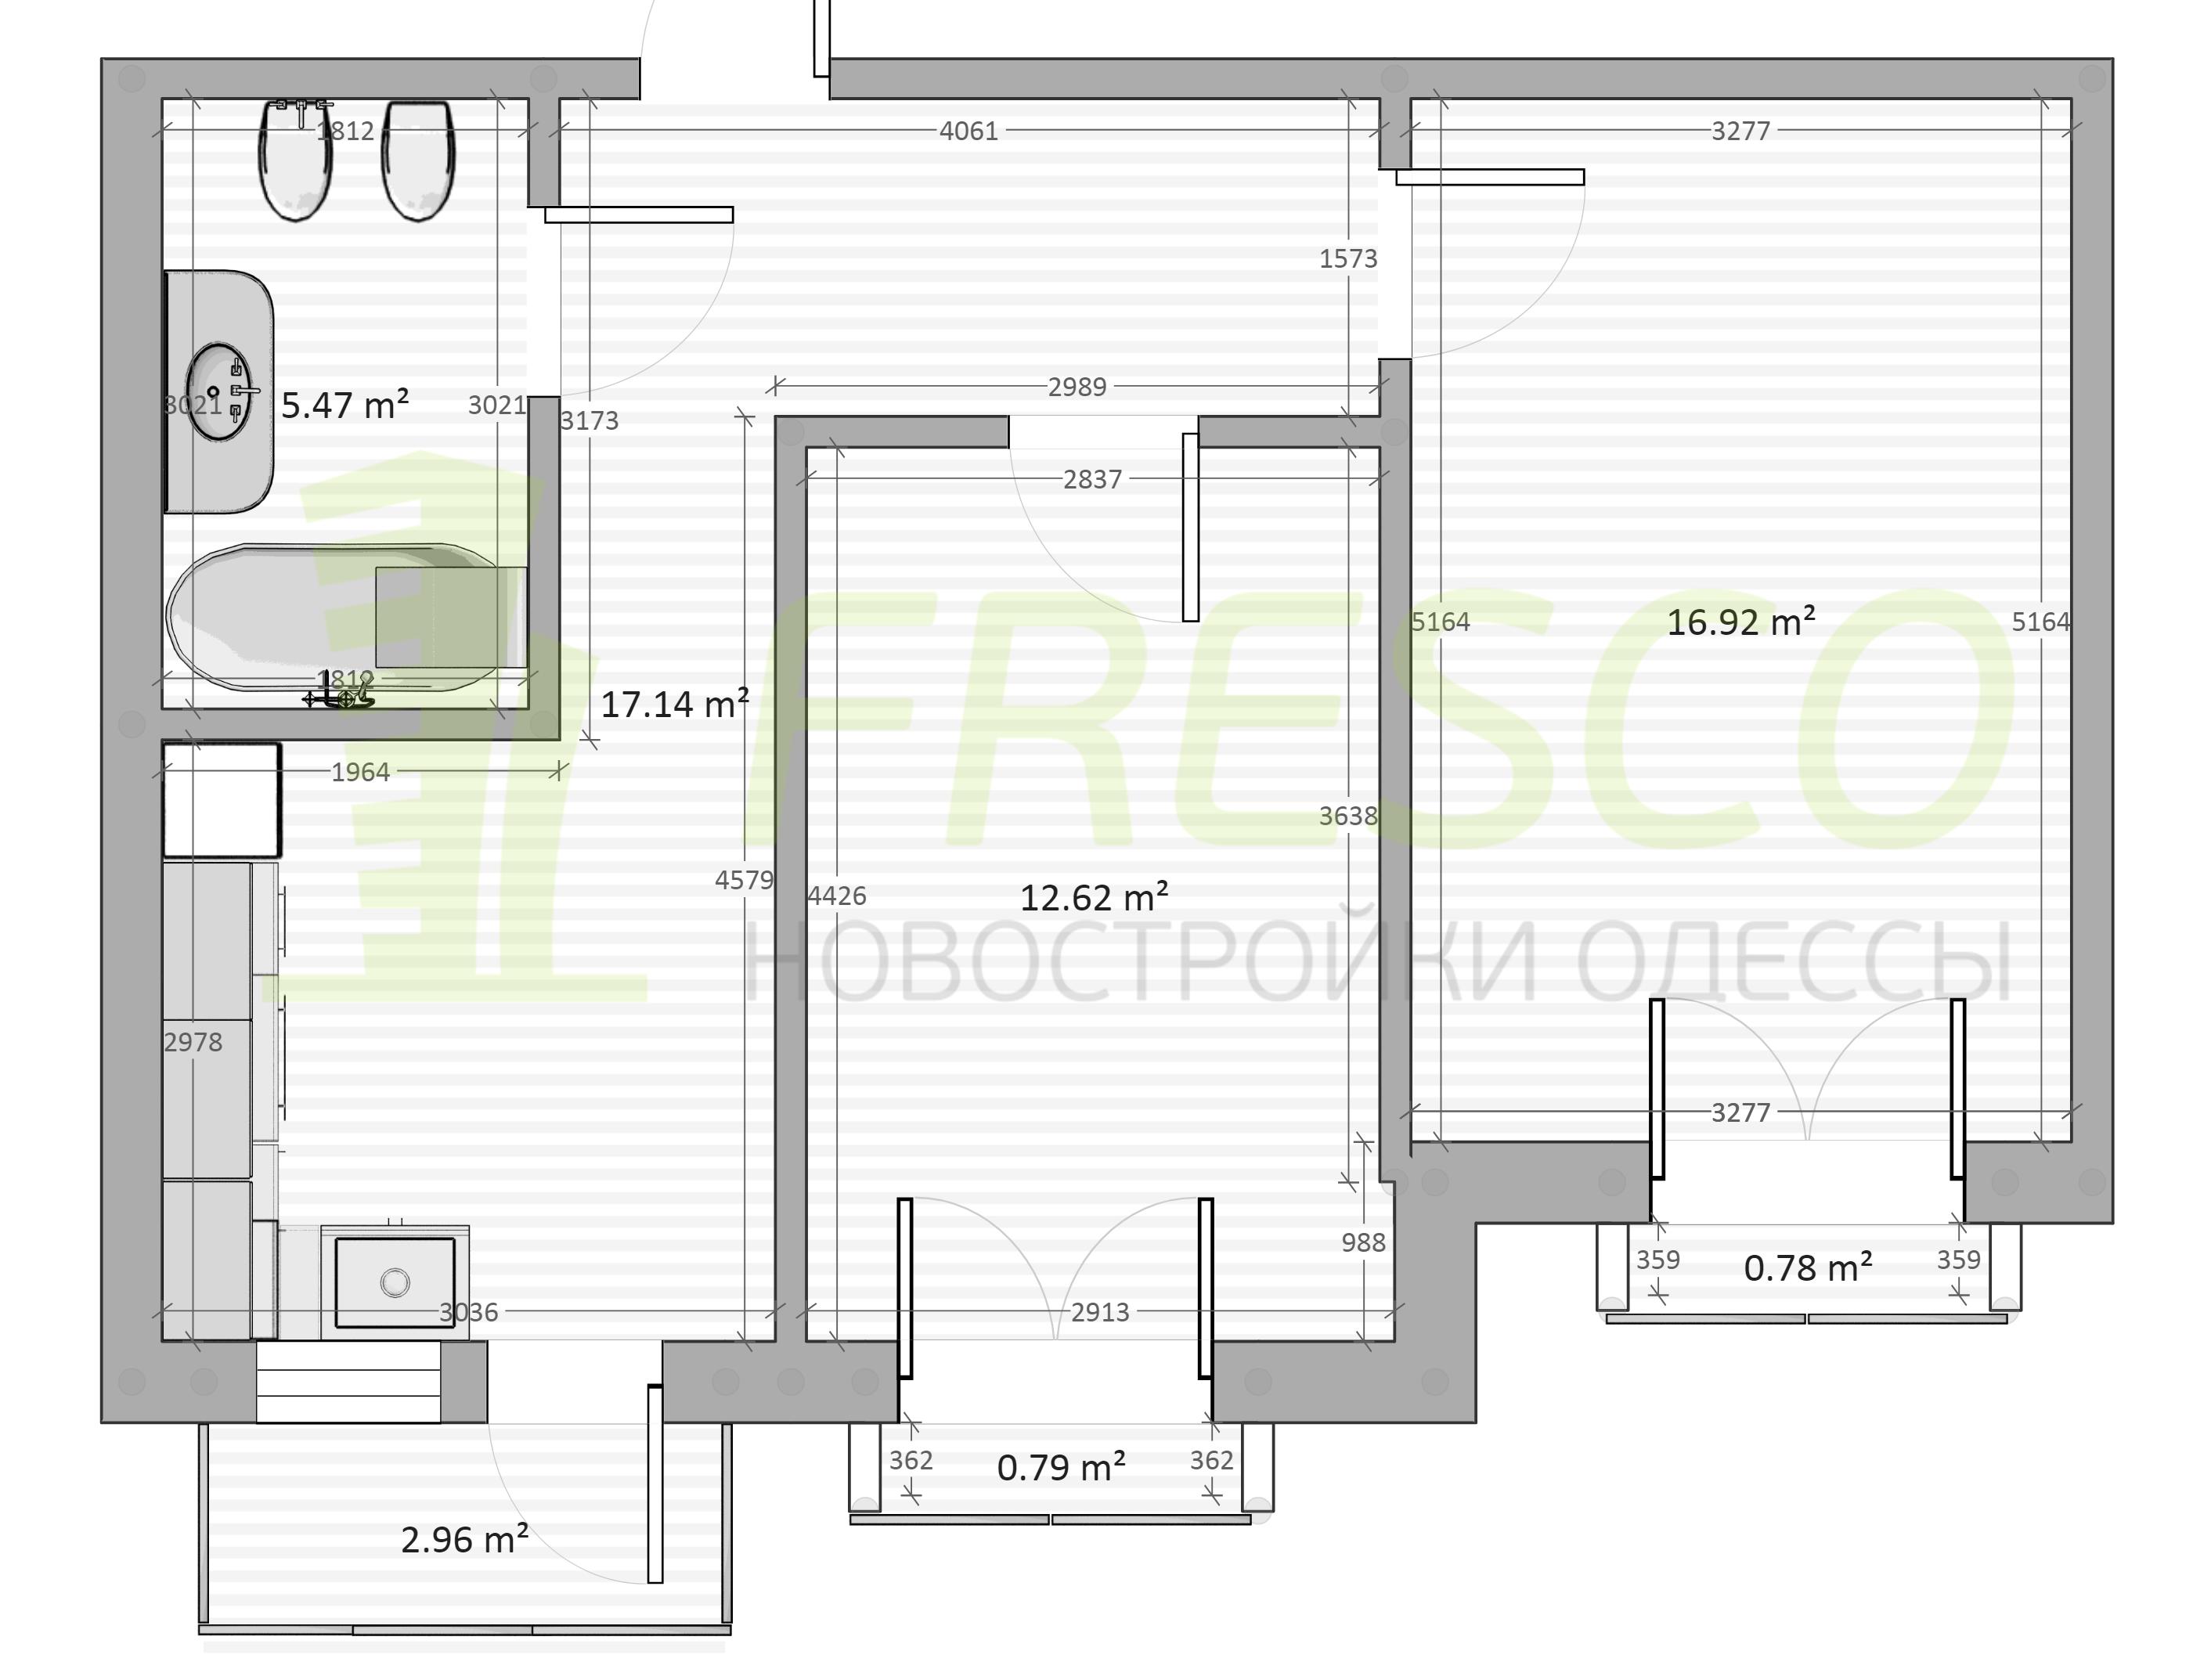 Двухкомнатная - ЖК Chelsea club house (Клубный дом Челси)$86875Площадь:59,3m²